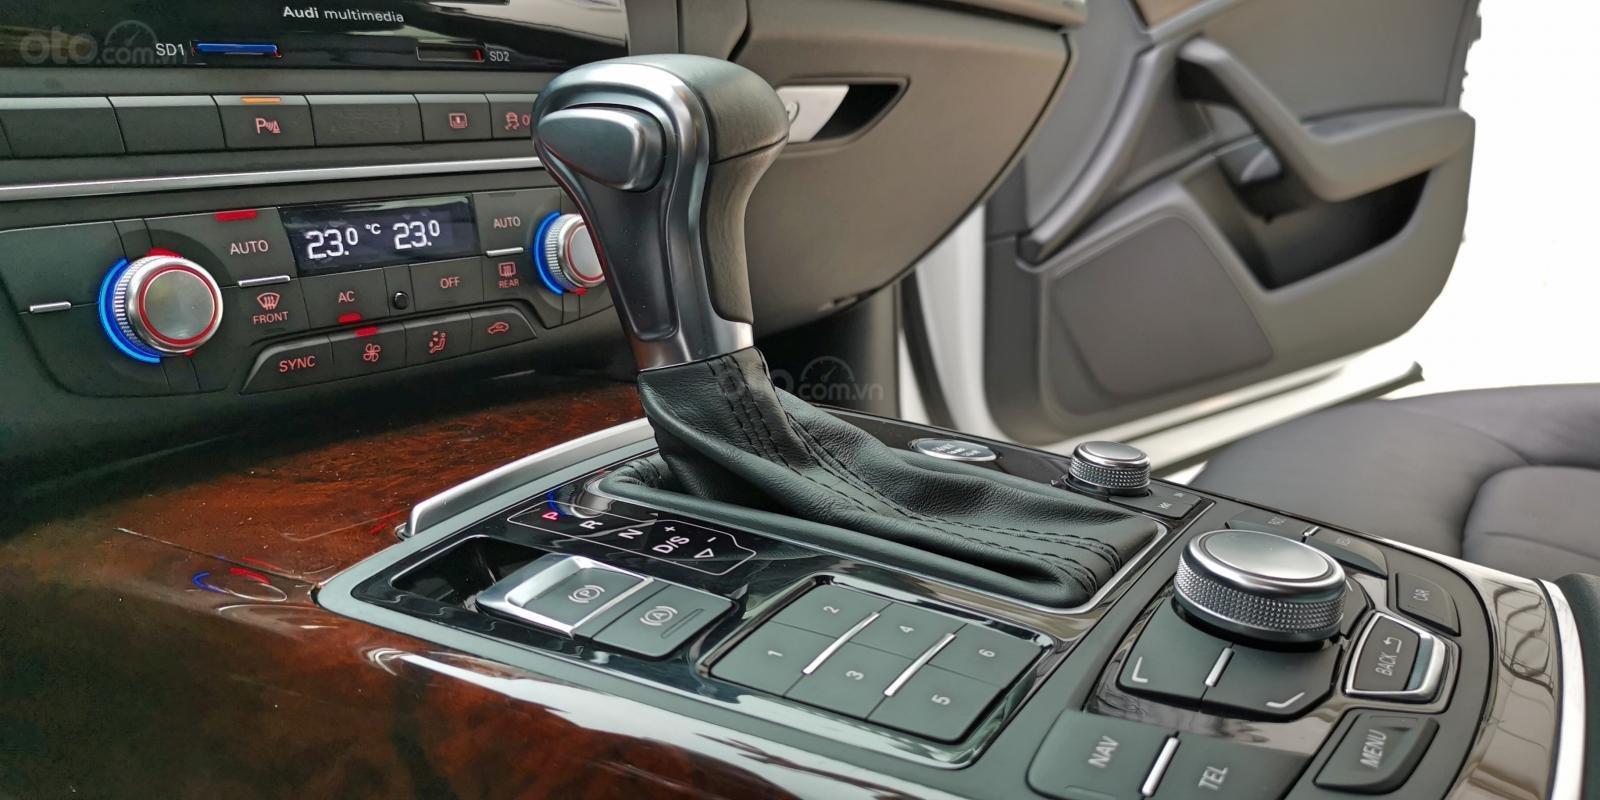 Cần bán lại xe Audi A6 đời 2013, màu trắng, nhập khẩu (13)